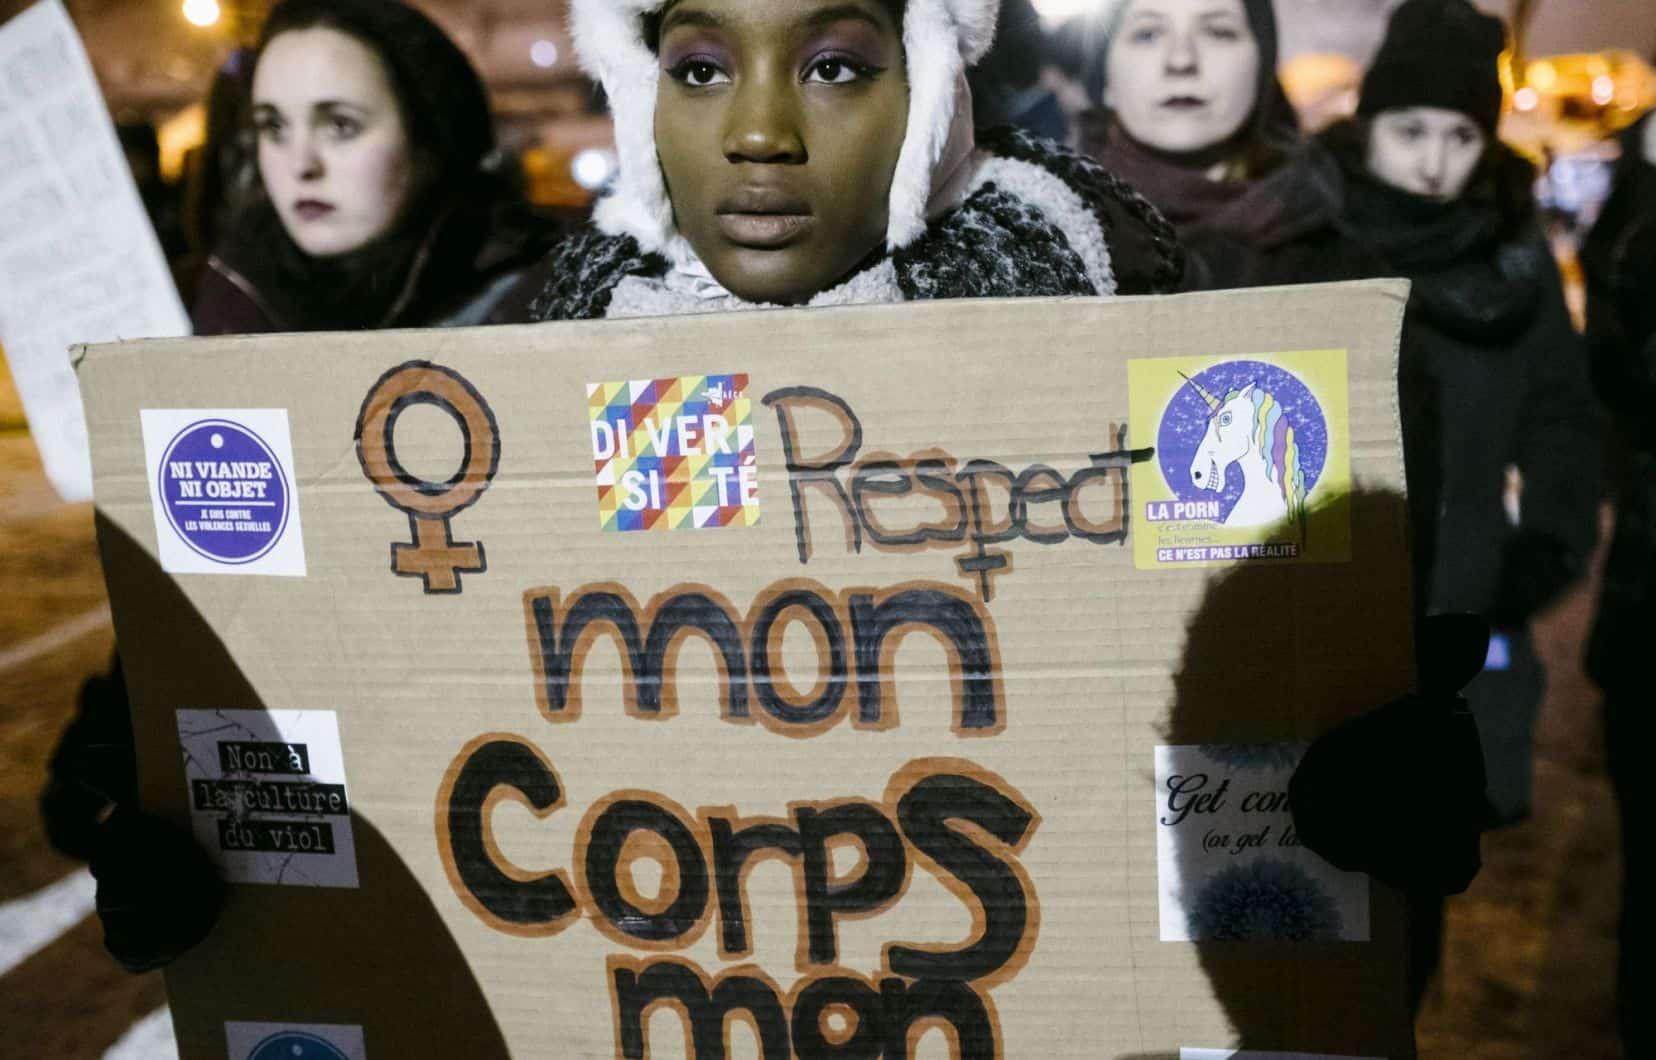 La culture du viol dénoncée au rassemblement « Sans oui, c'est non! »